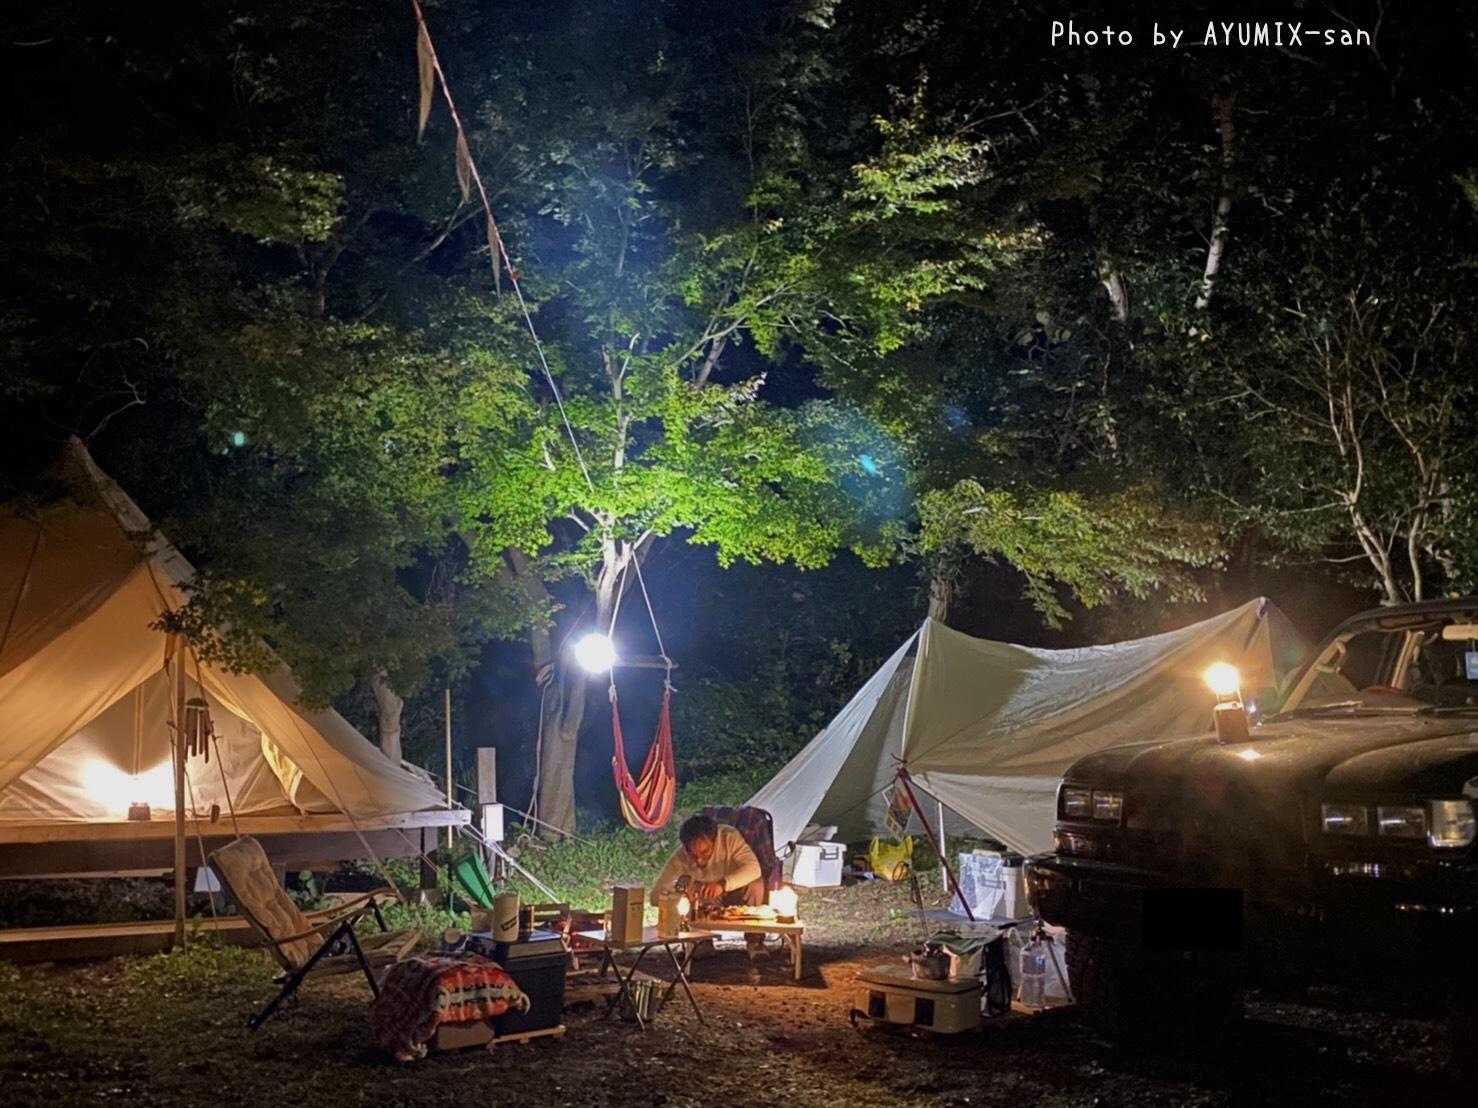 焚き火をする場合にはオプションでもう一台分の3m*6.3mのスペースを確保!テント設営もでタープで調理OK!   3500円/1日